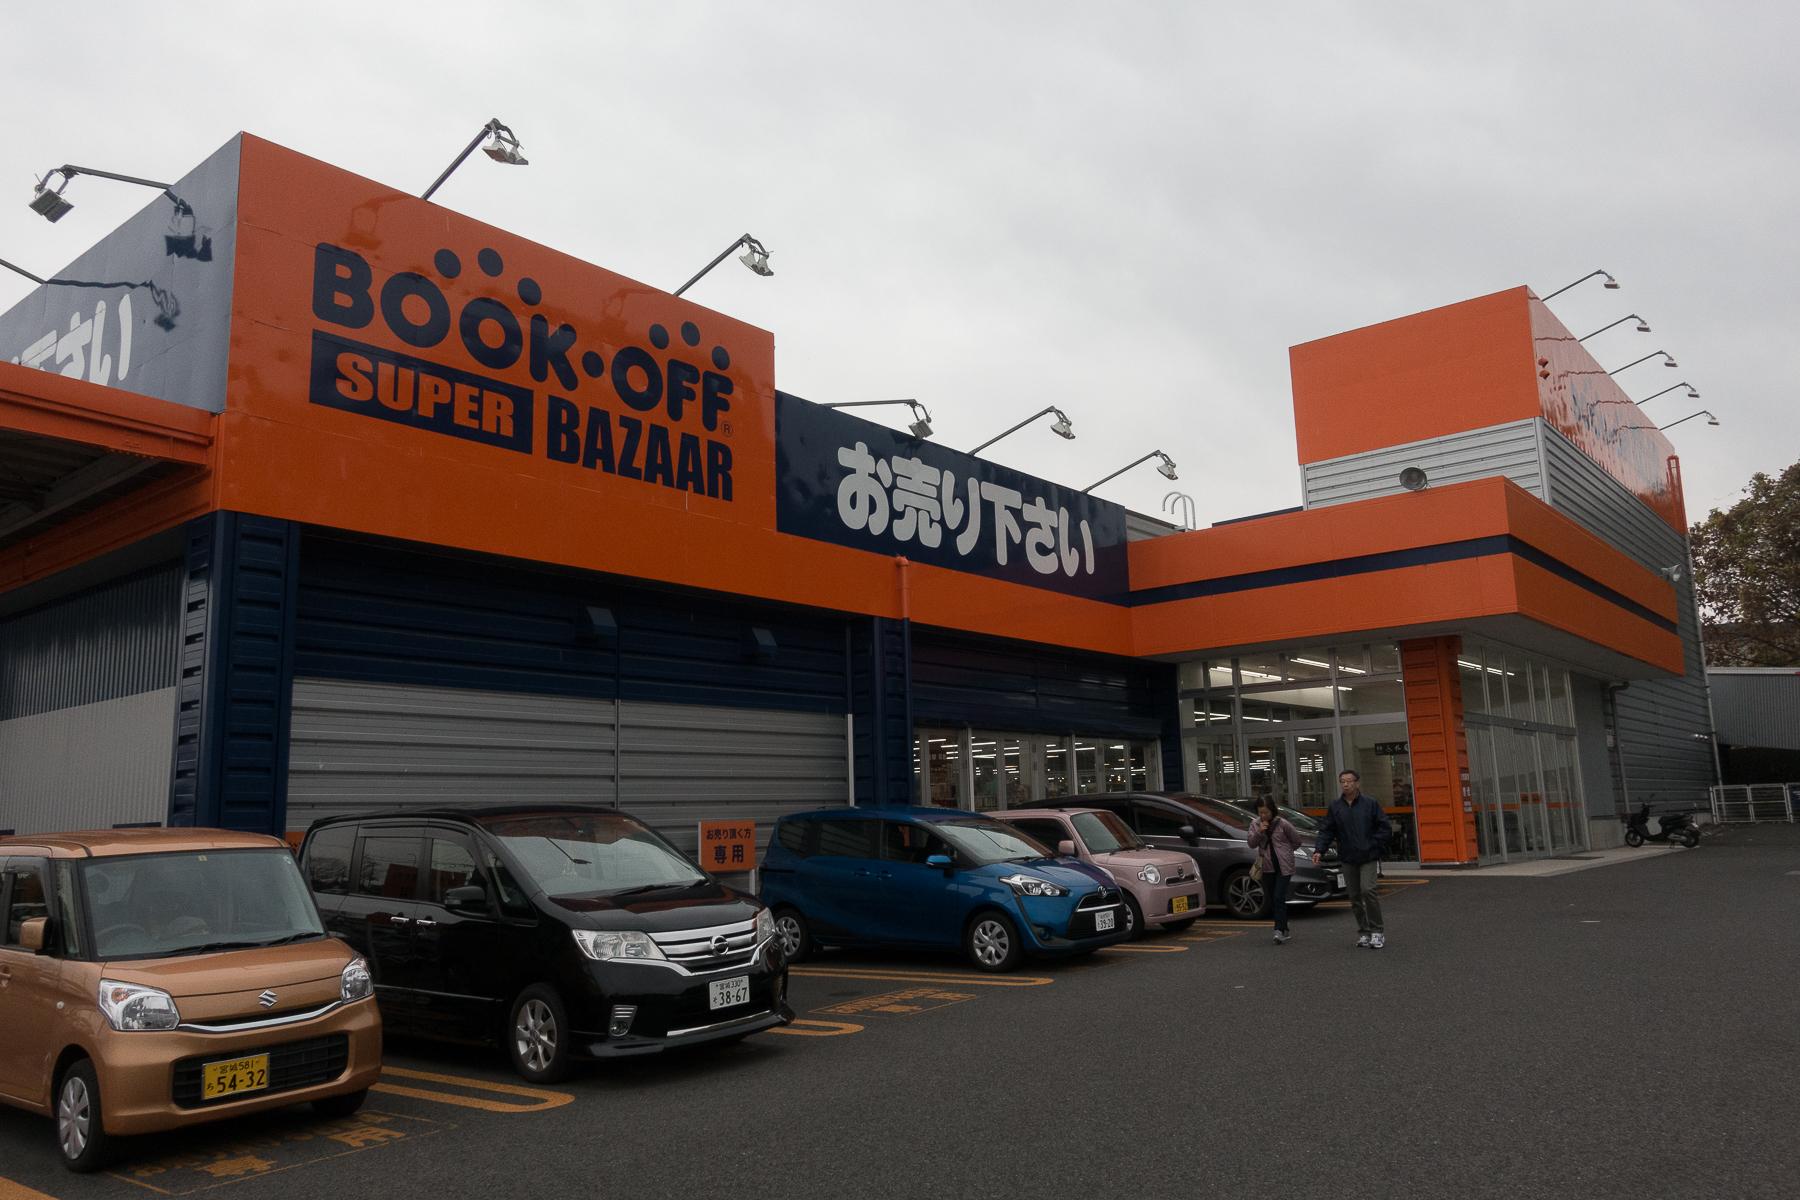 Bookoff Super Bazaar